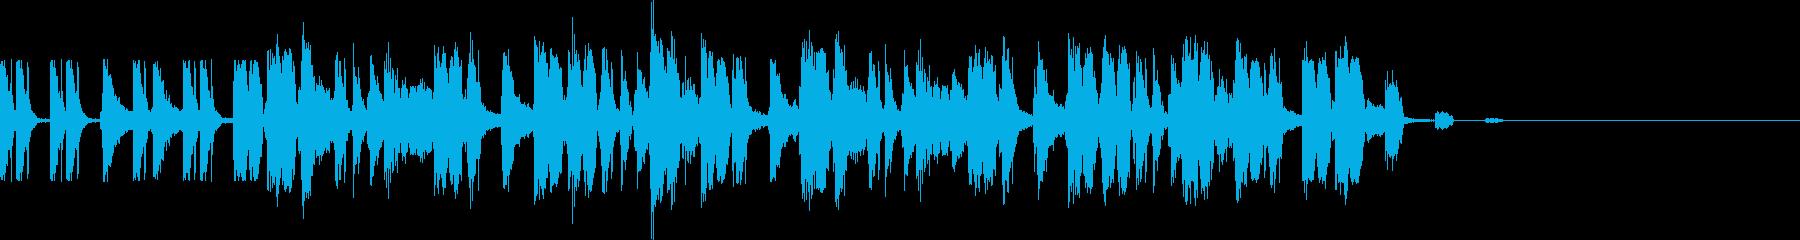 コミカルでかわいいジングルの再生済みの波形